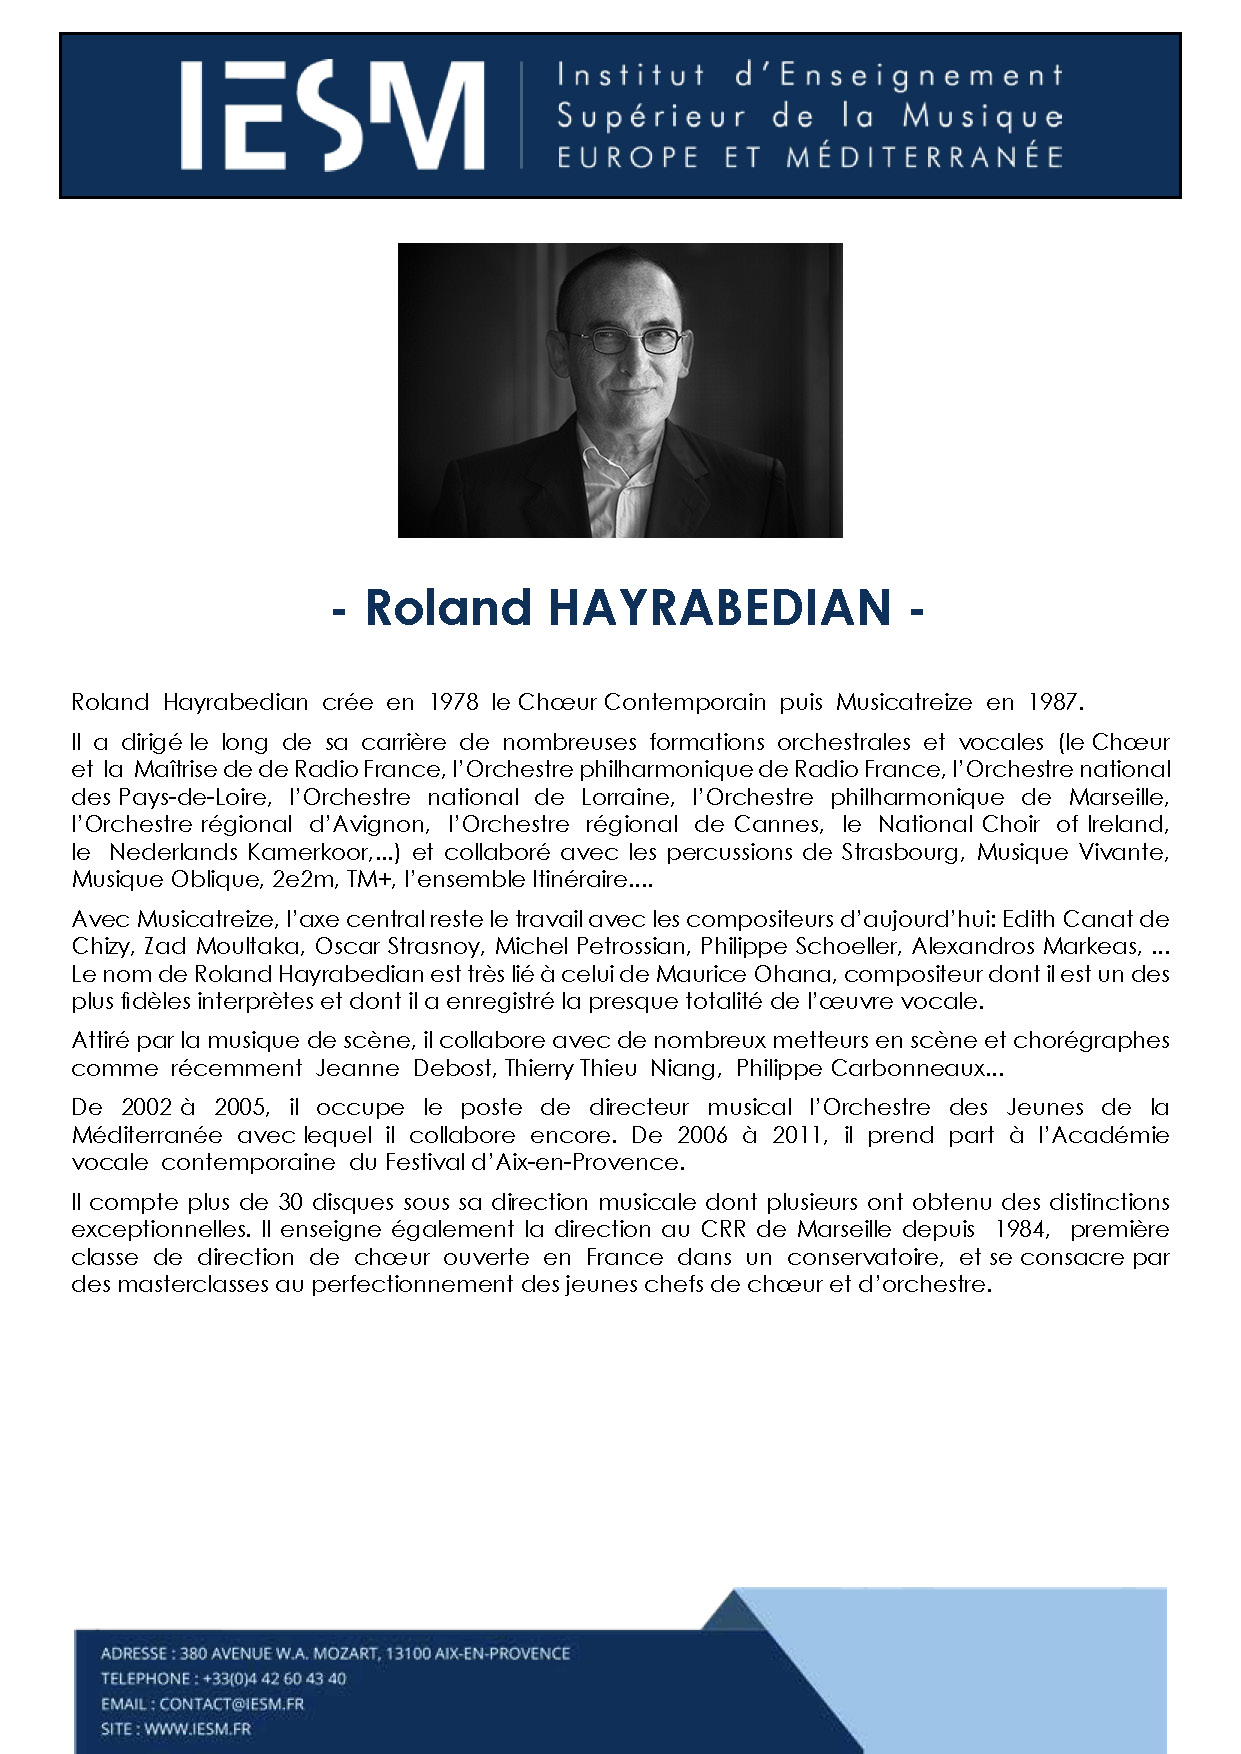 HAYRA ROLANDHAYRABEDIAN